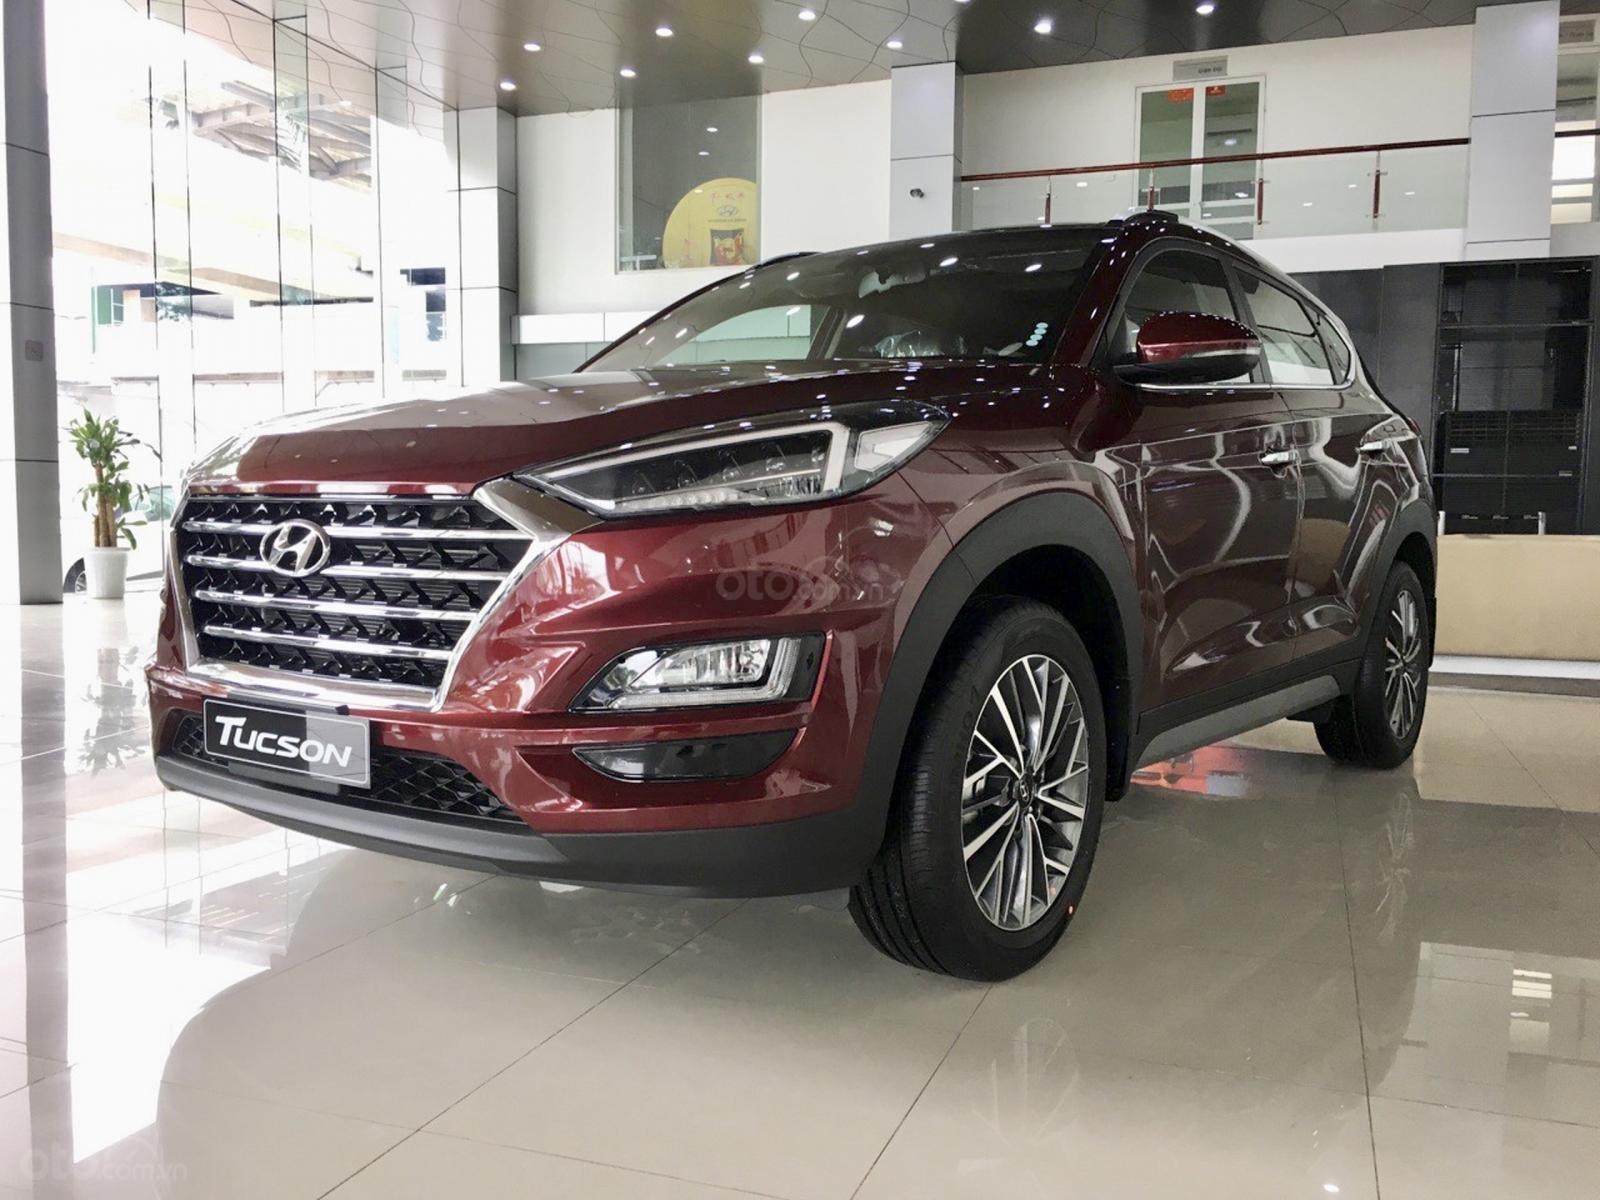 Hyundai Tucson 2.0 xăng đặc biệt 2020, đủ phiên bản - đủ màu, ưu đãi lớn tháng 11, hỗ trợ trả góp tới 85% giá trị xe (3)